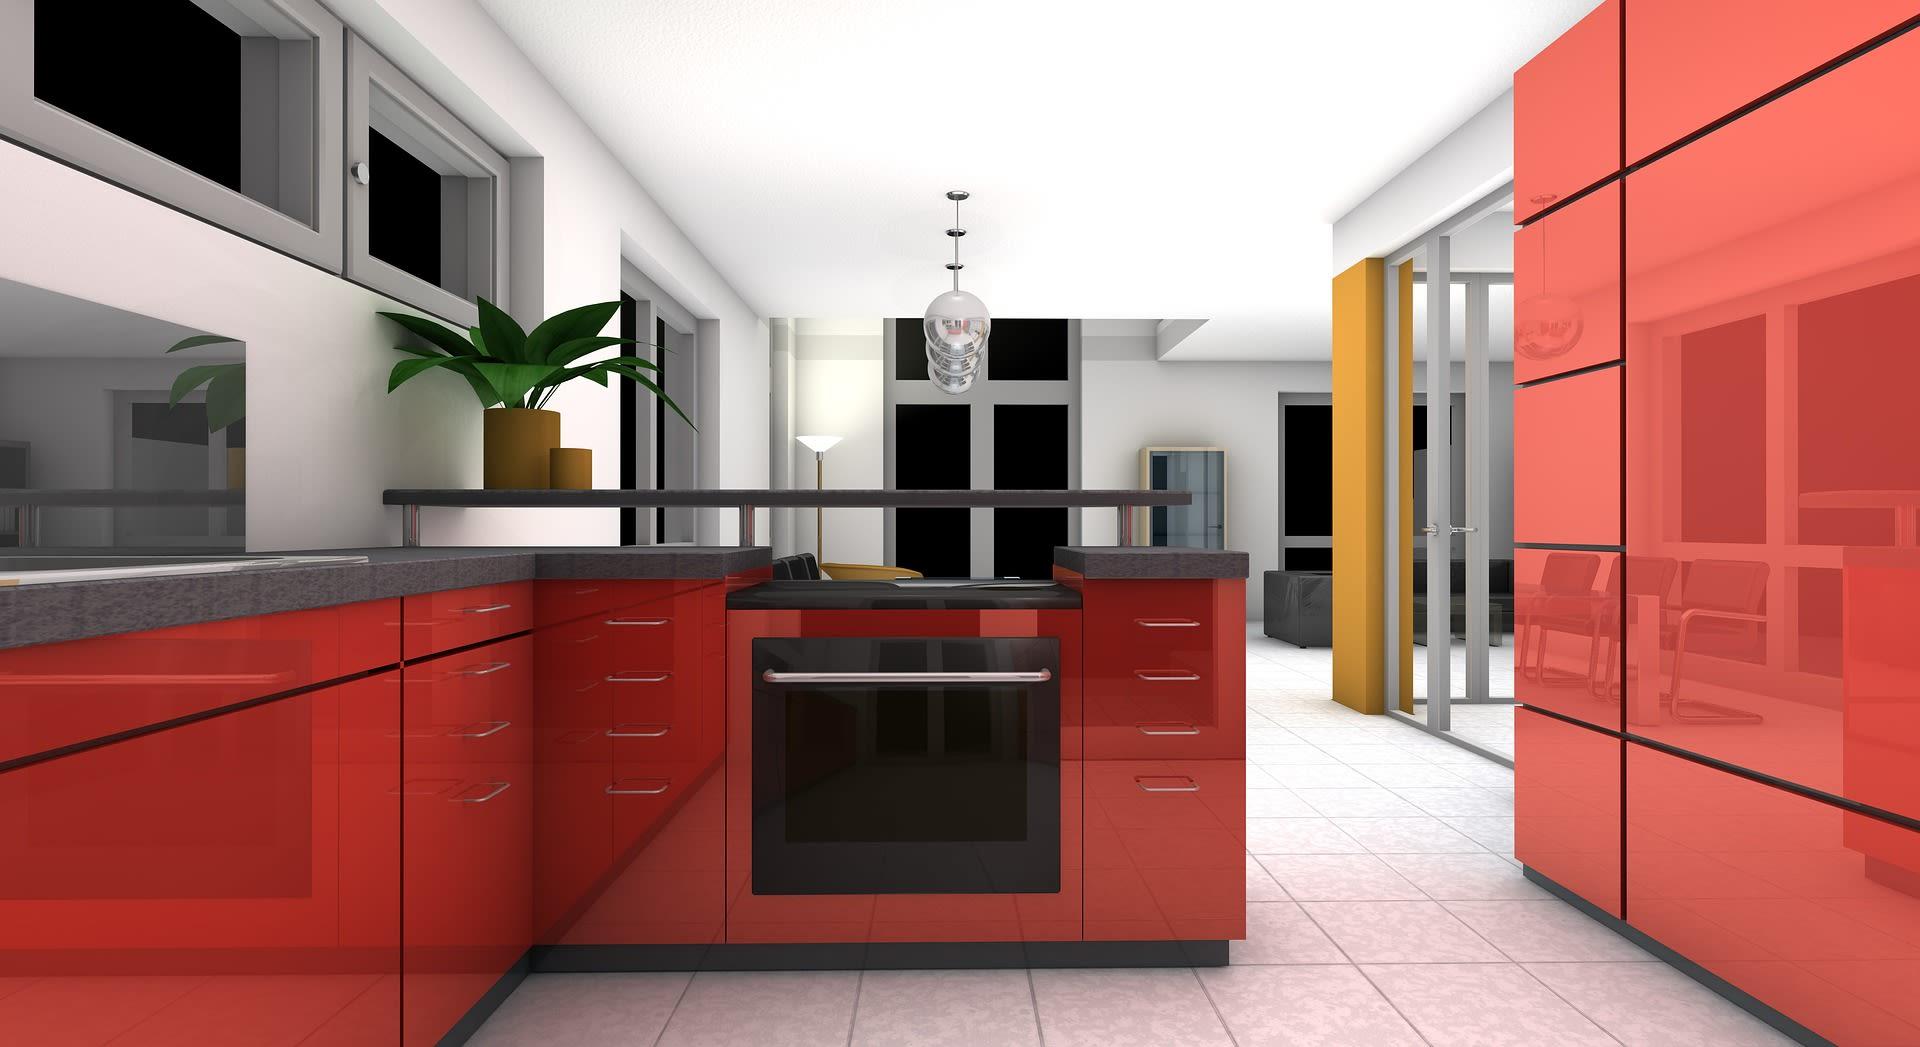 6 avantages à investir dans l'immobilier neuf